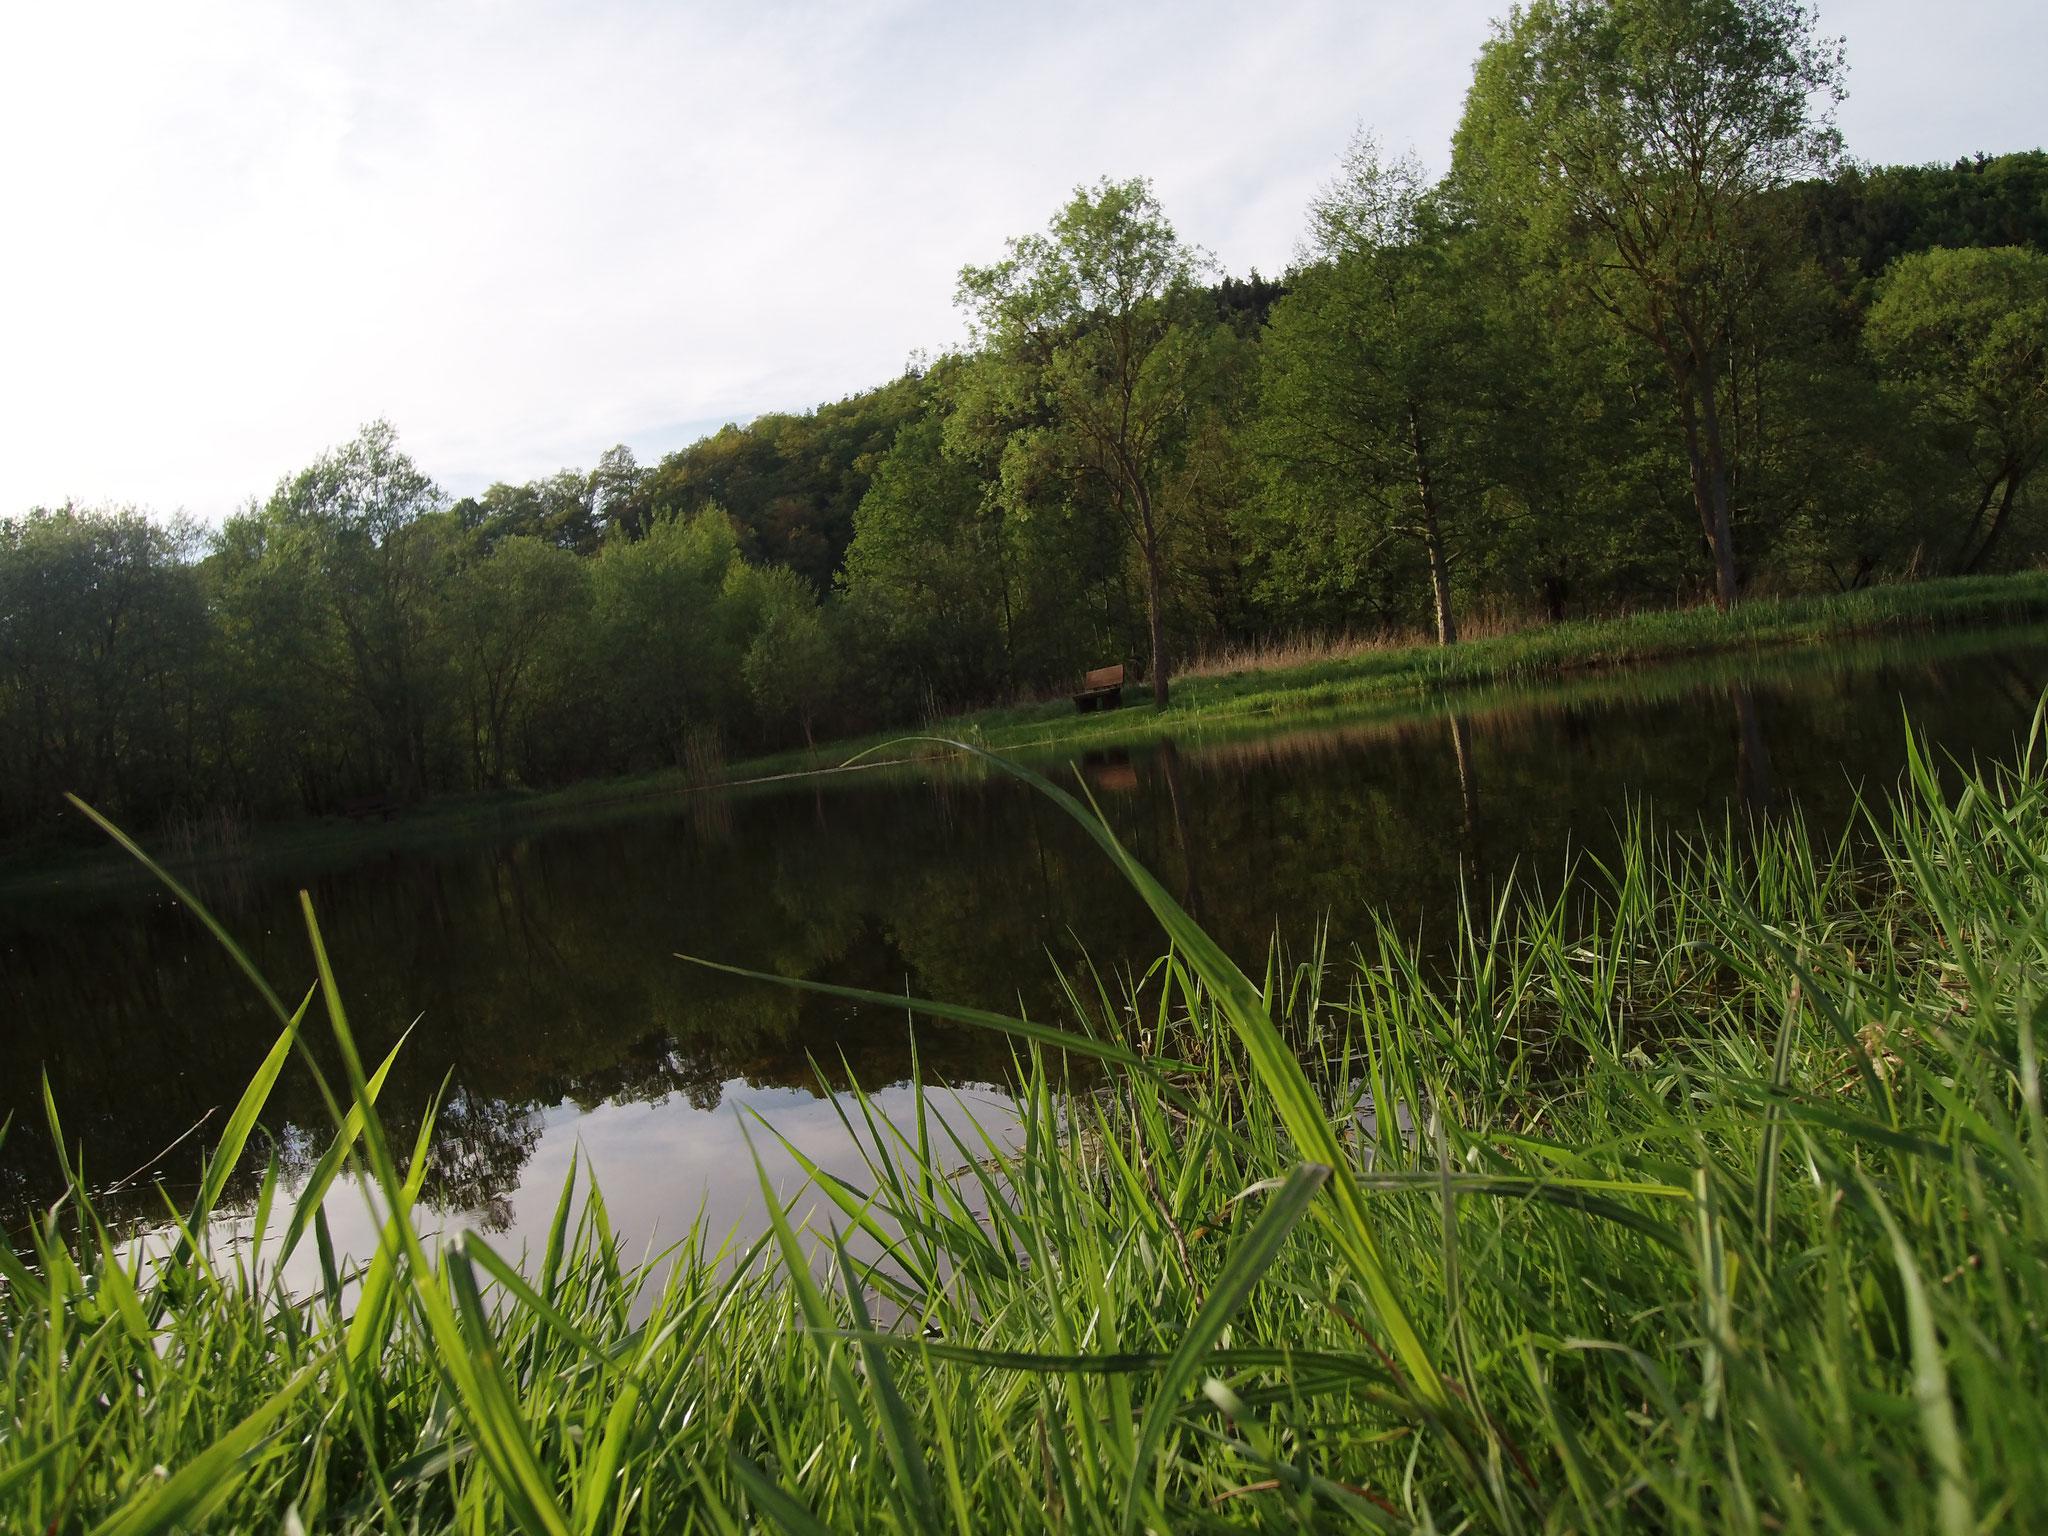 Das Bild ist zwar über der Wasseroberfläche entstanden, es soll aber verdeutlichen, wie gut die Aufnahmequalität (Full HD) der verbauten Kamera ist.